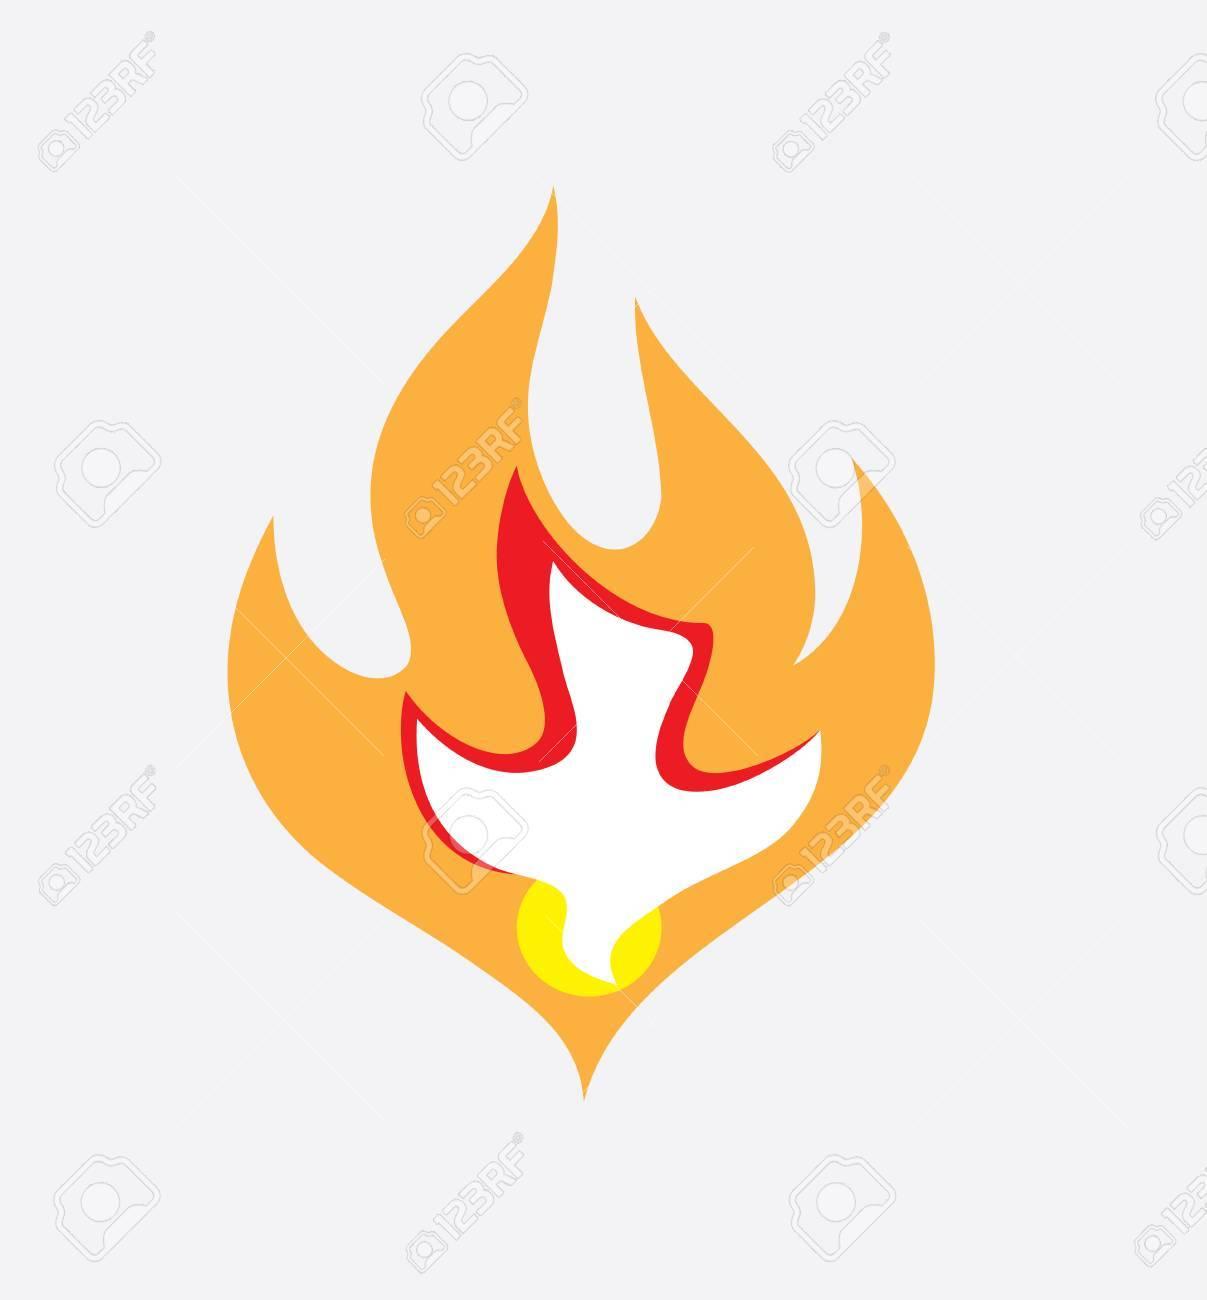 Holy spirit Fire, art vector design - 87158319